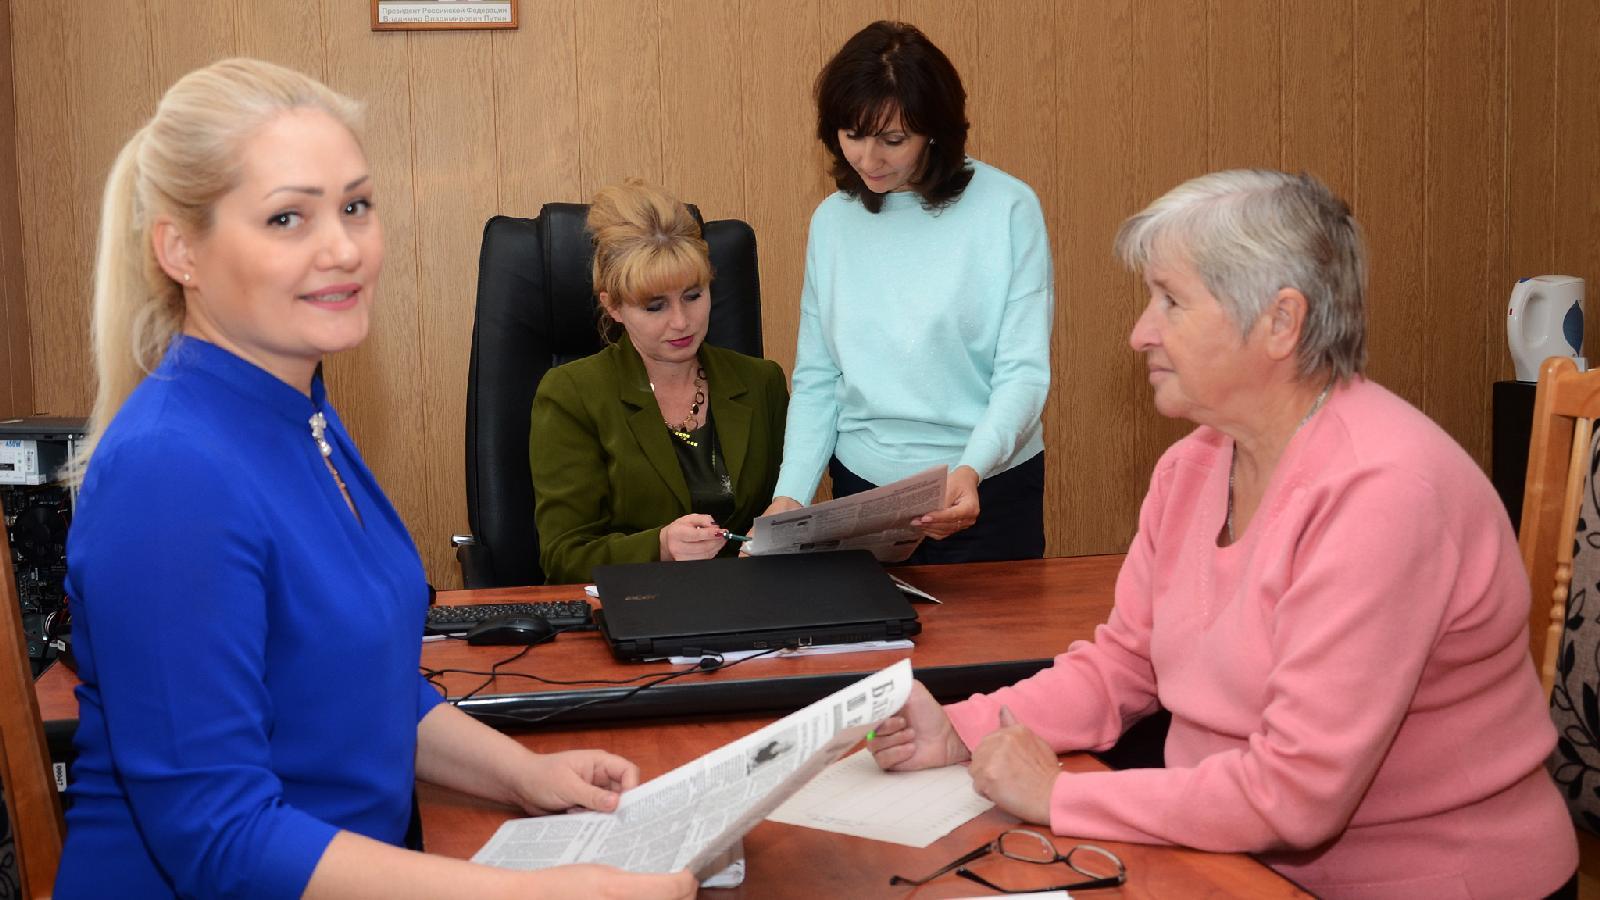 Редакционная планерка. Слева направо: корреспондент Ирина Максимова, главный редактор Лира Гафарова, заведующая агропромотделом Айсылу Хасанова, ответственный секретарь  Любовь Ермакова